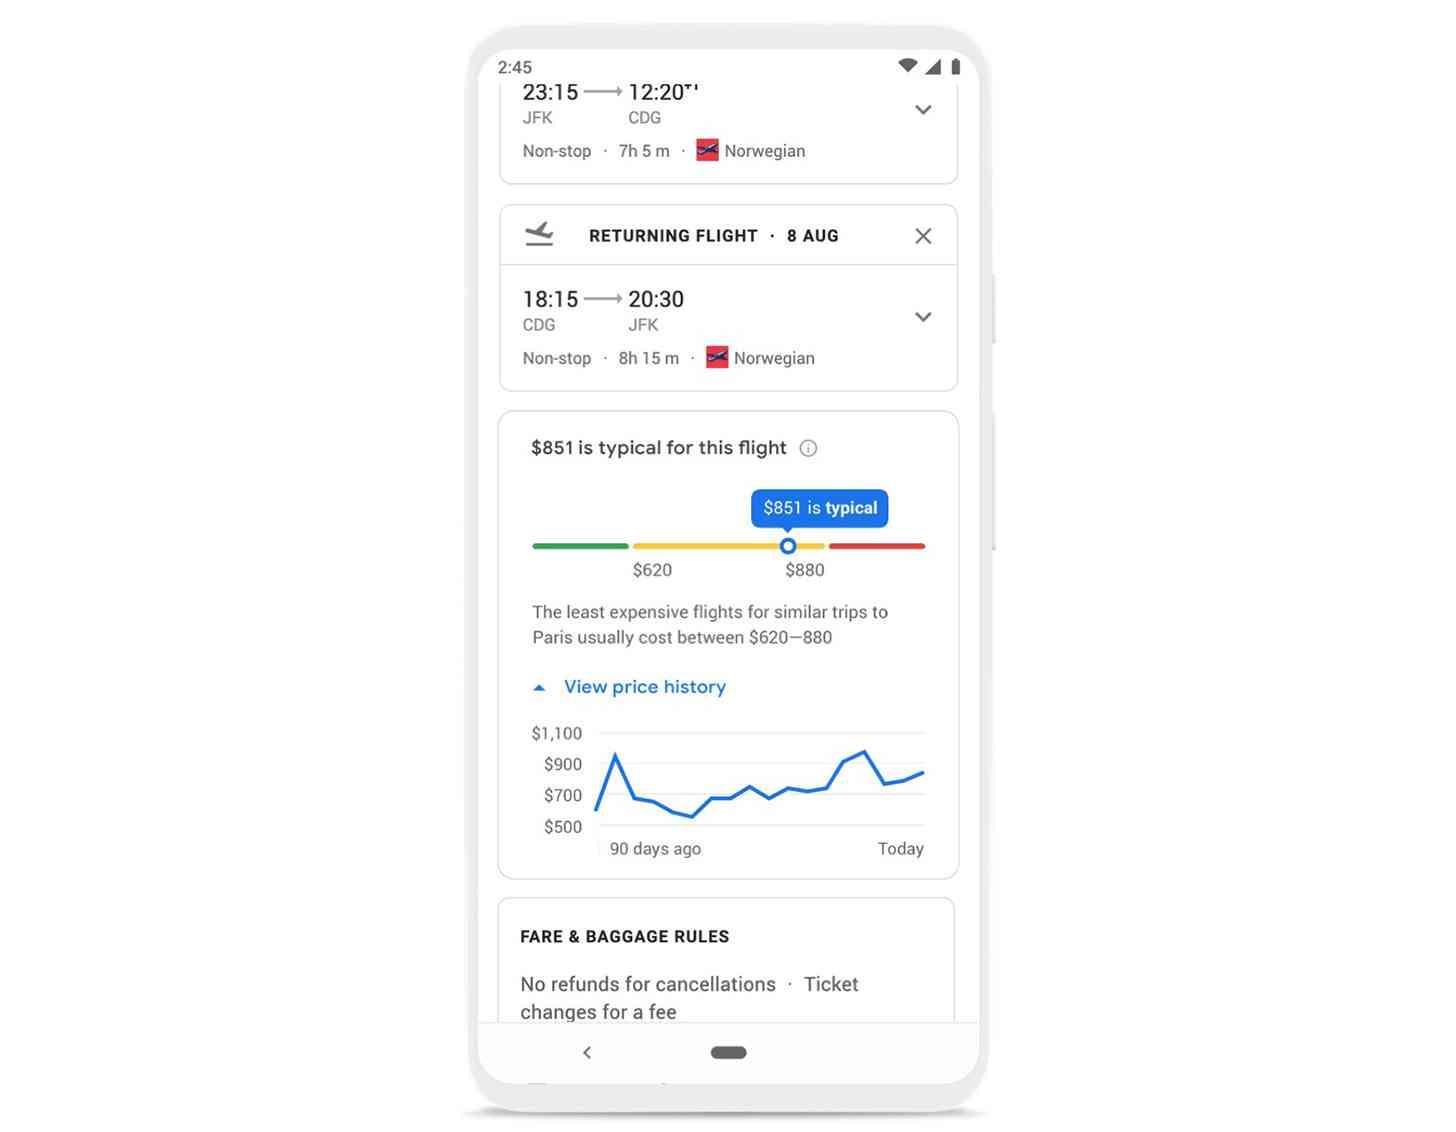 جوجل السفر تتبع سعر الرحلة